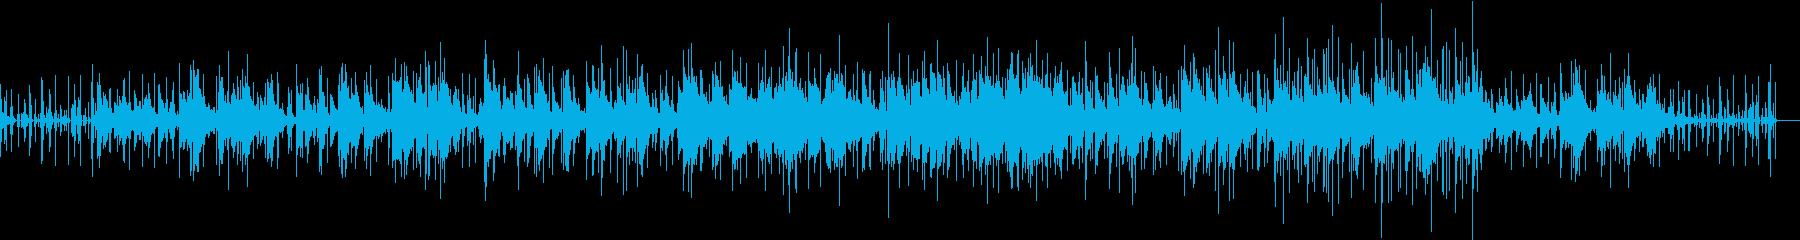 ピアノとトランペットの穏やかなバラードの再生済みの波形